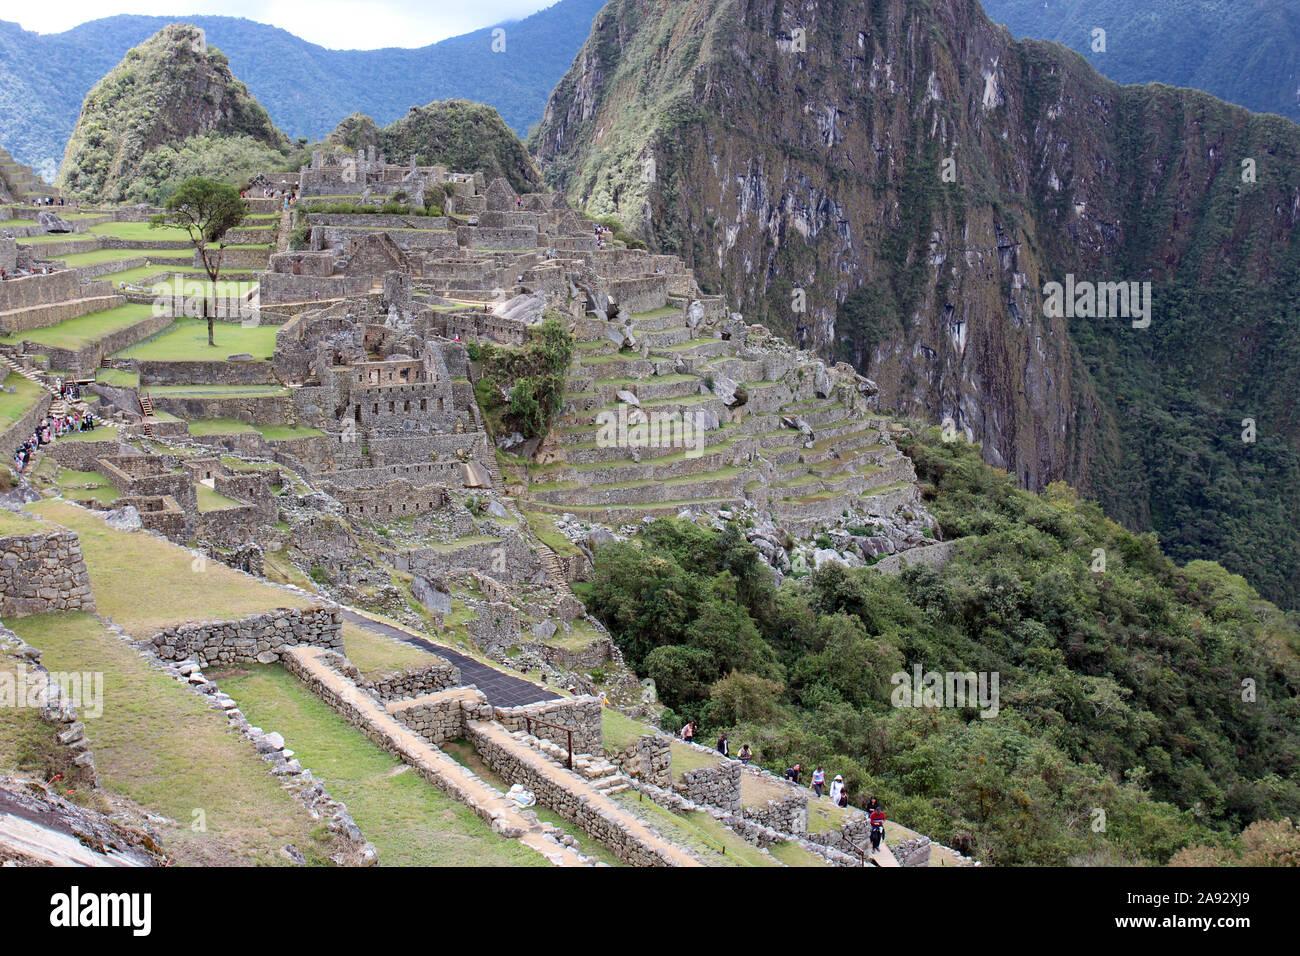 Una Sección De Machu Picchu Incluida La Zona Del Prisionero